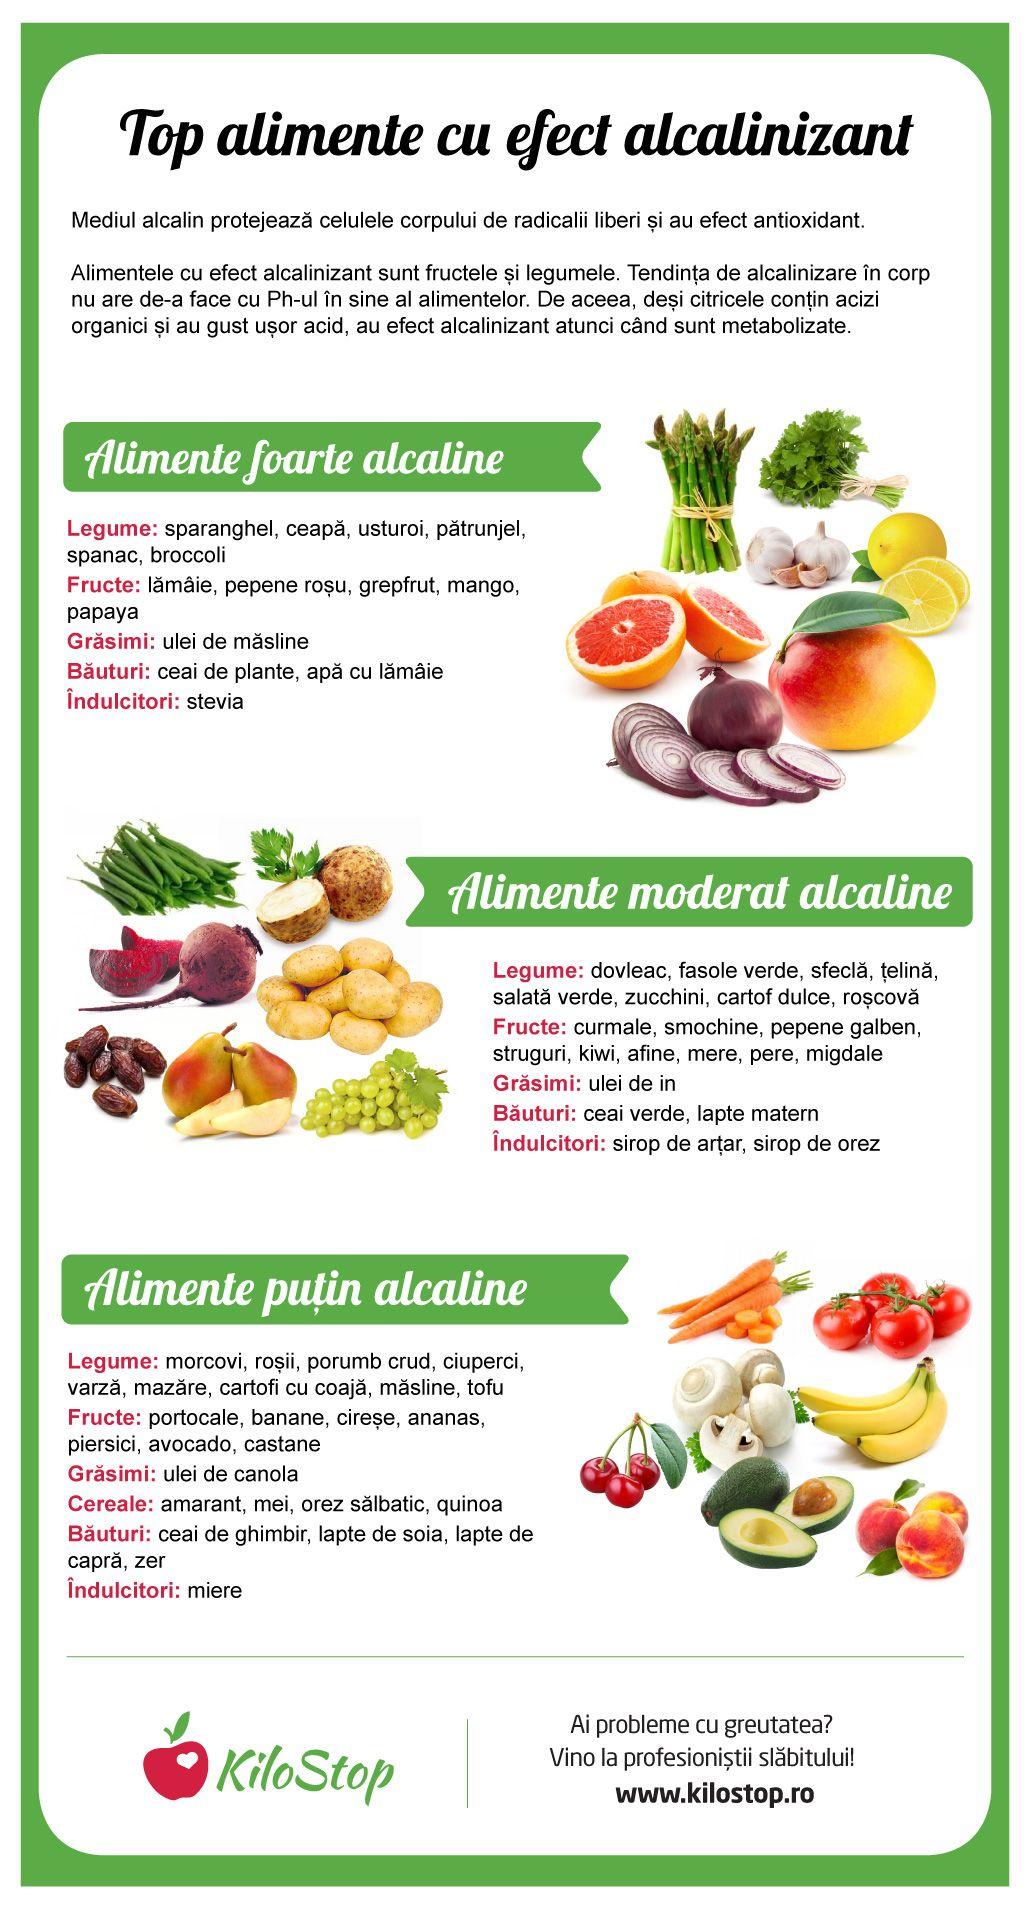 Alimentele care vor fi interzise în România. Legea a trecut de Parlament